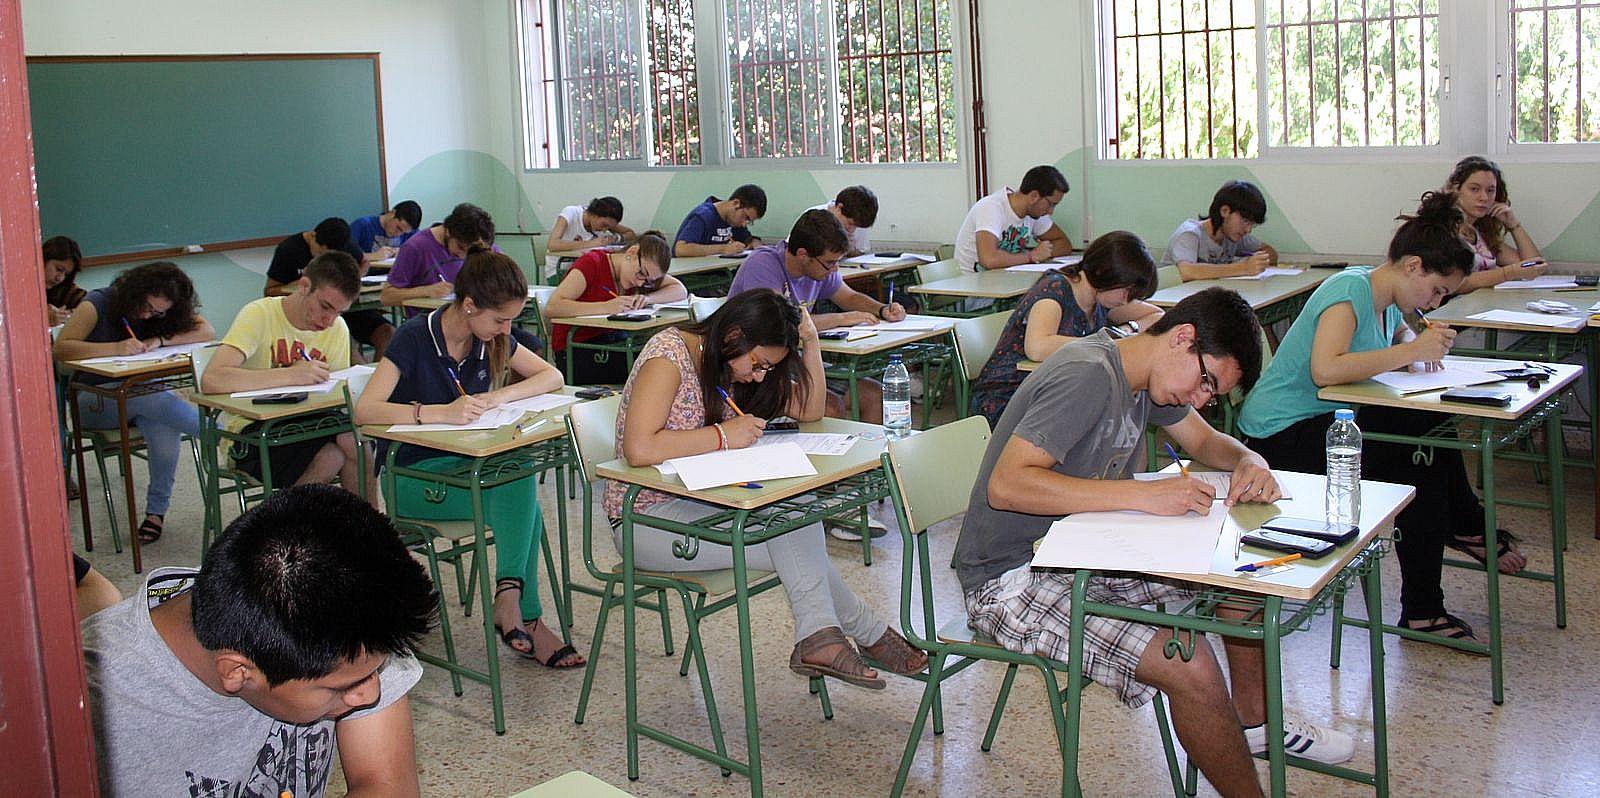 Resultado de imagen de alumnos examinandose